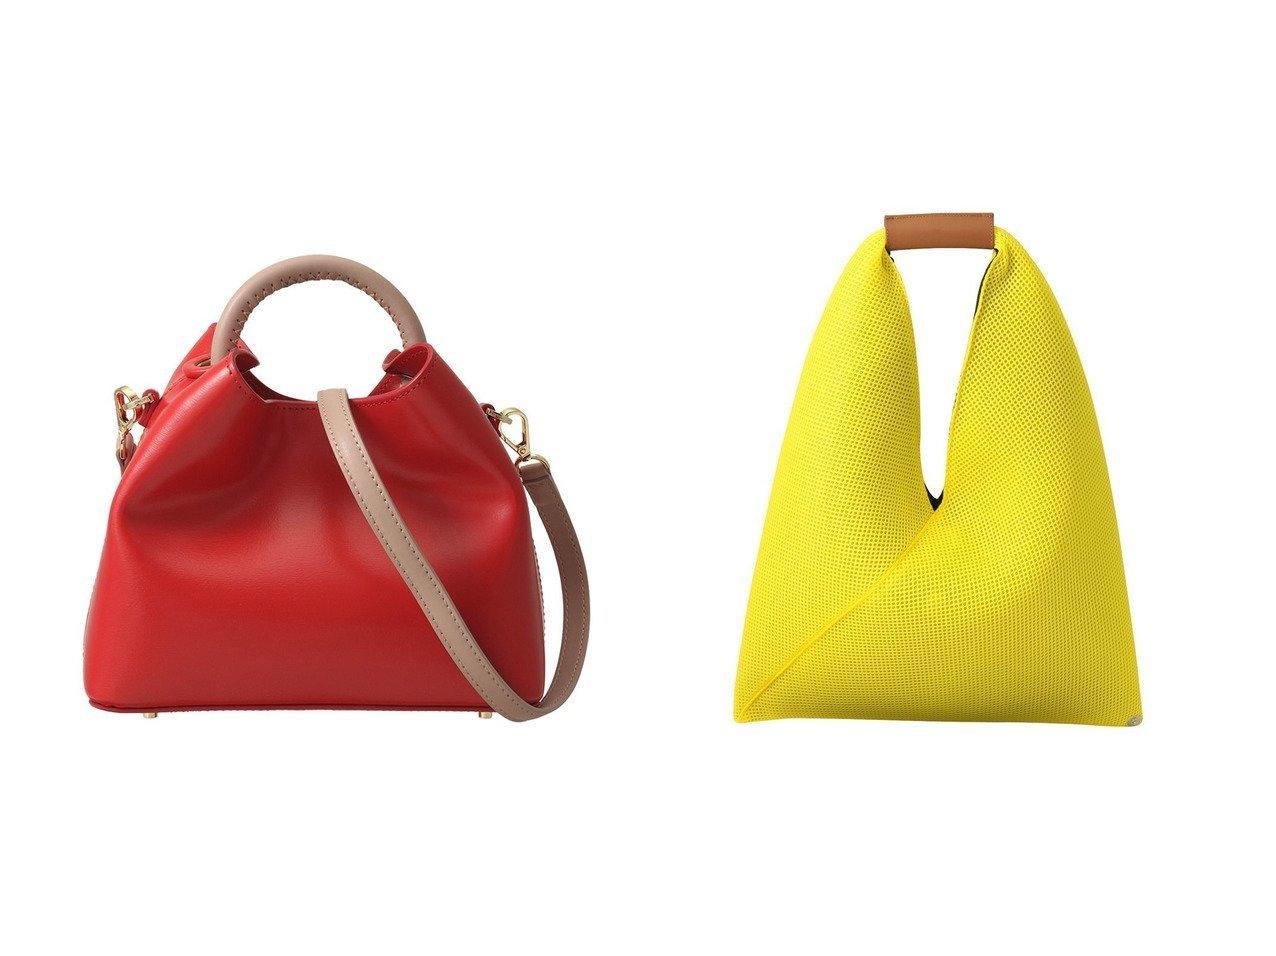 【MM6 Maison Martin Margiela/エムエム6 メゾン マルタン マルジェラ】のメッシュジャパニーズバッグS&【martinique/マルティニーク】の【elleme】ショルダーバッグ バッグ・鞄のおすすめ!人気、トレンド・レディースファッションの通販 おすすめファッション通販アイテム インテリア・キッズ・メンズ・レディースファッション・服の通販 founy(ファニー) ファッション Fashion レディースファッション WOMEN バッグ Bag なめらか コンパクト シェイプ 2021年 2021 2021 春夏 S/S SS Spring/Summer 2021 S/S 春夏 SS Spring/Summer ハンドバッグ メッシュ 春 Spring オレンジ系 Orange イエロー系 Yellow ブルー系 Blue  ID:crp329100000012973